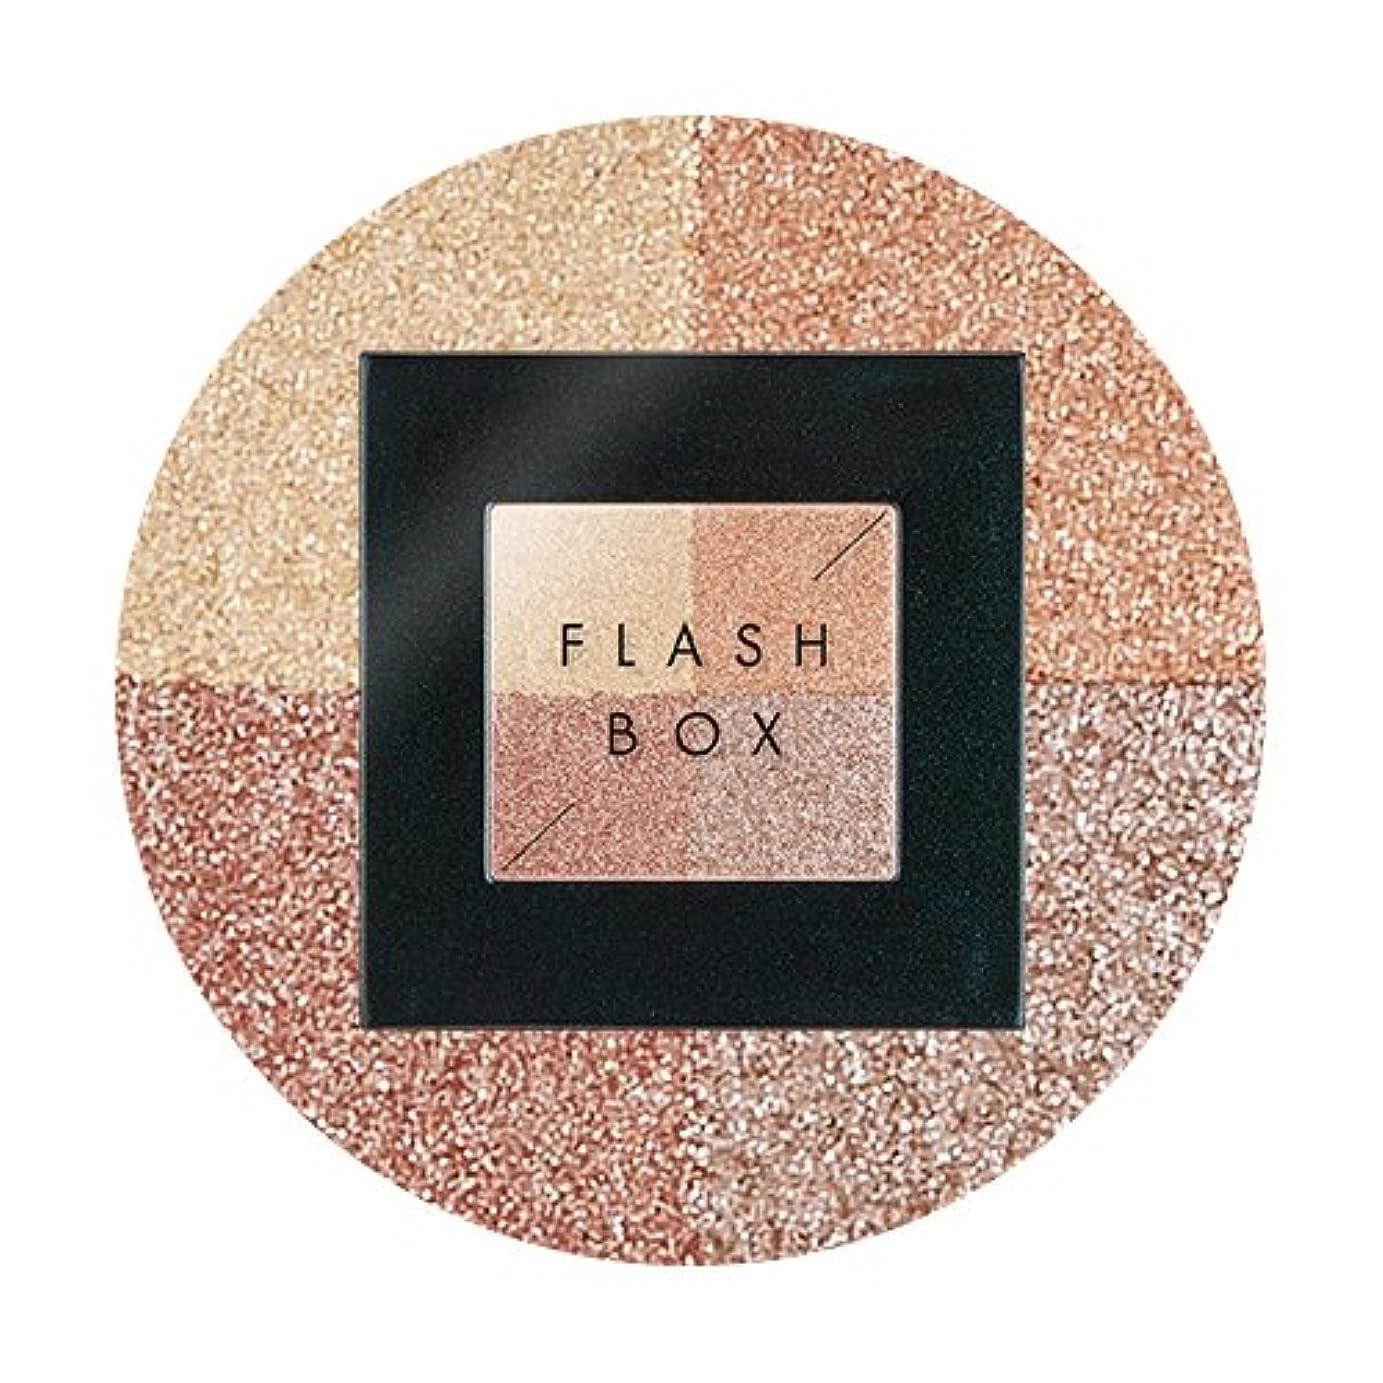 処理するストライクAPIEU Flash Box (#2 Lustering Time) / [アピュ/オピュ] フラッシュボックス [並行輸入品]